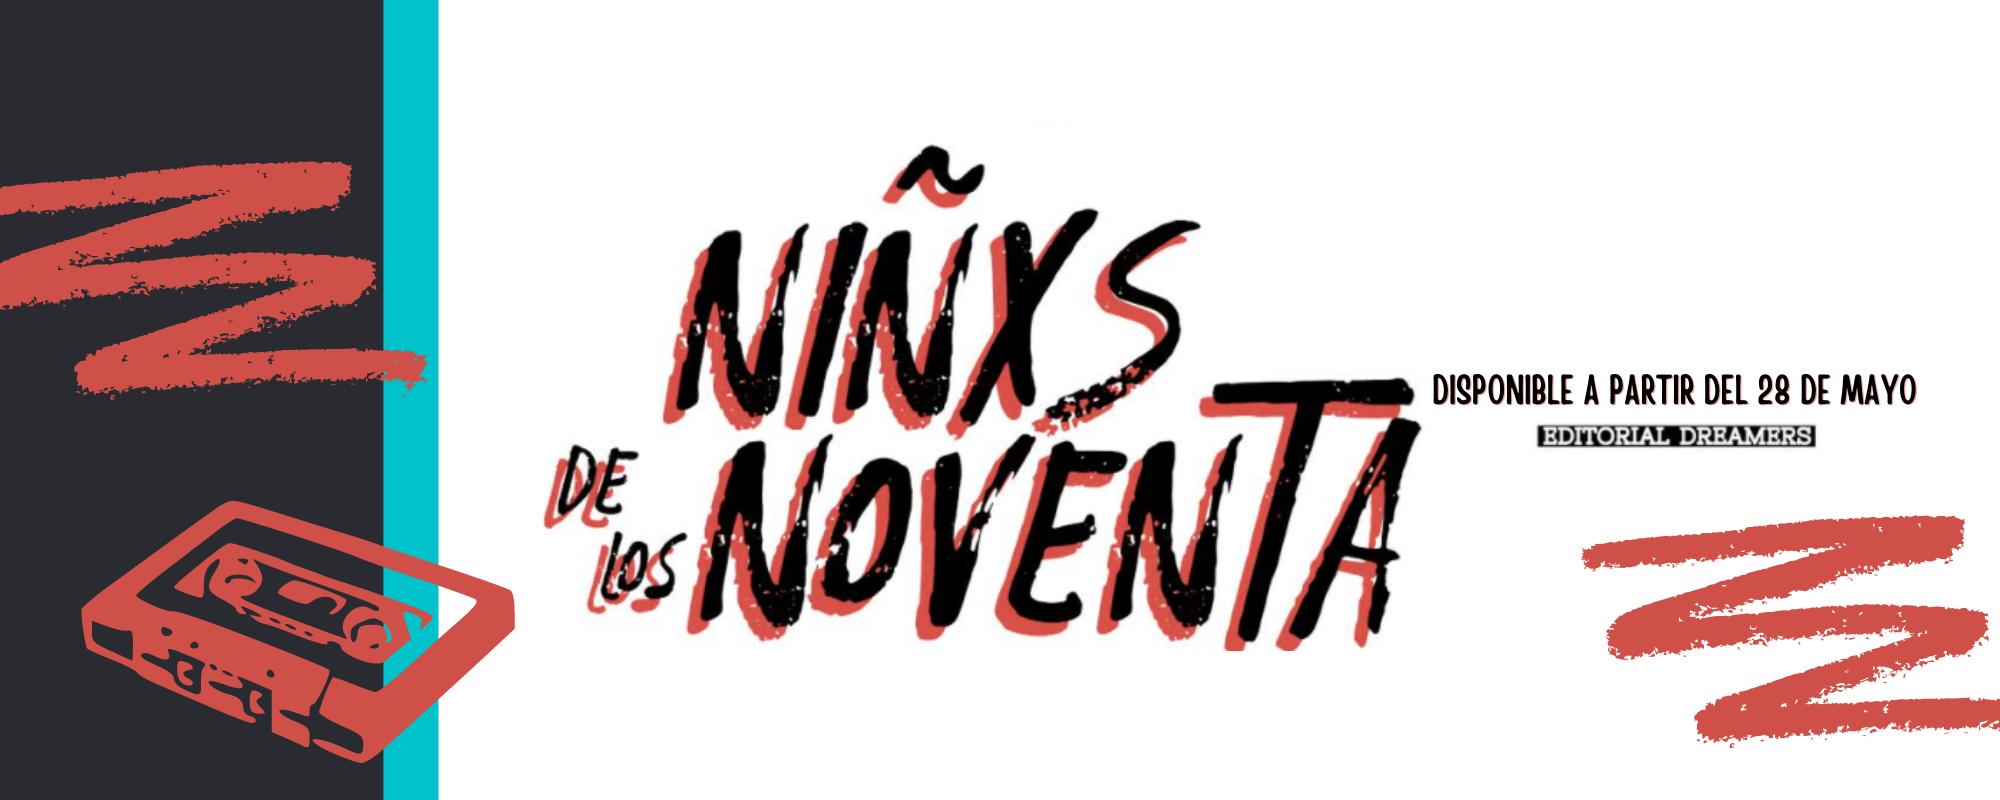 Niñxs dee los noventa